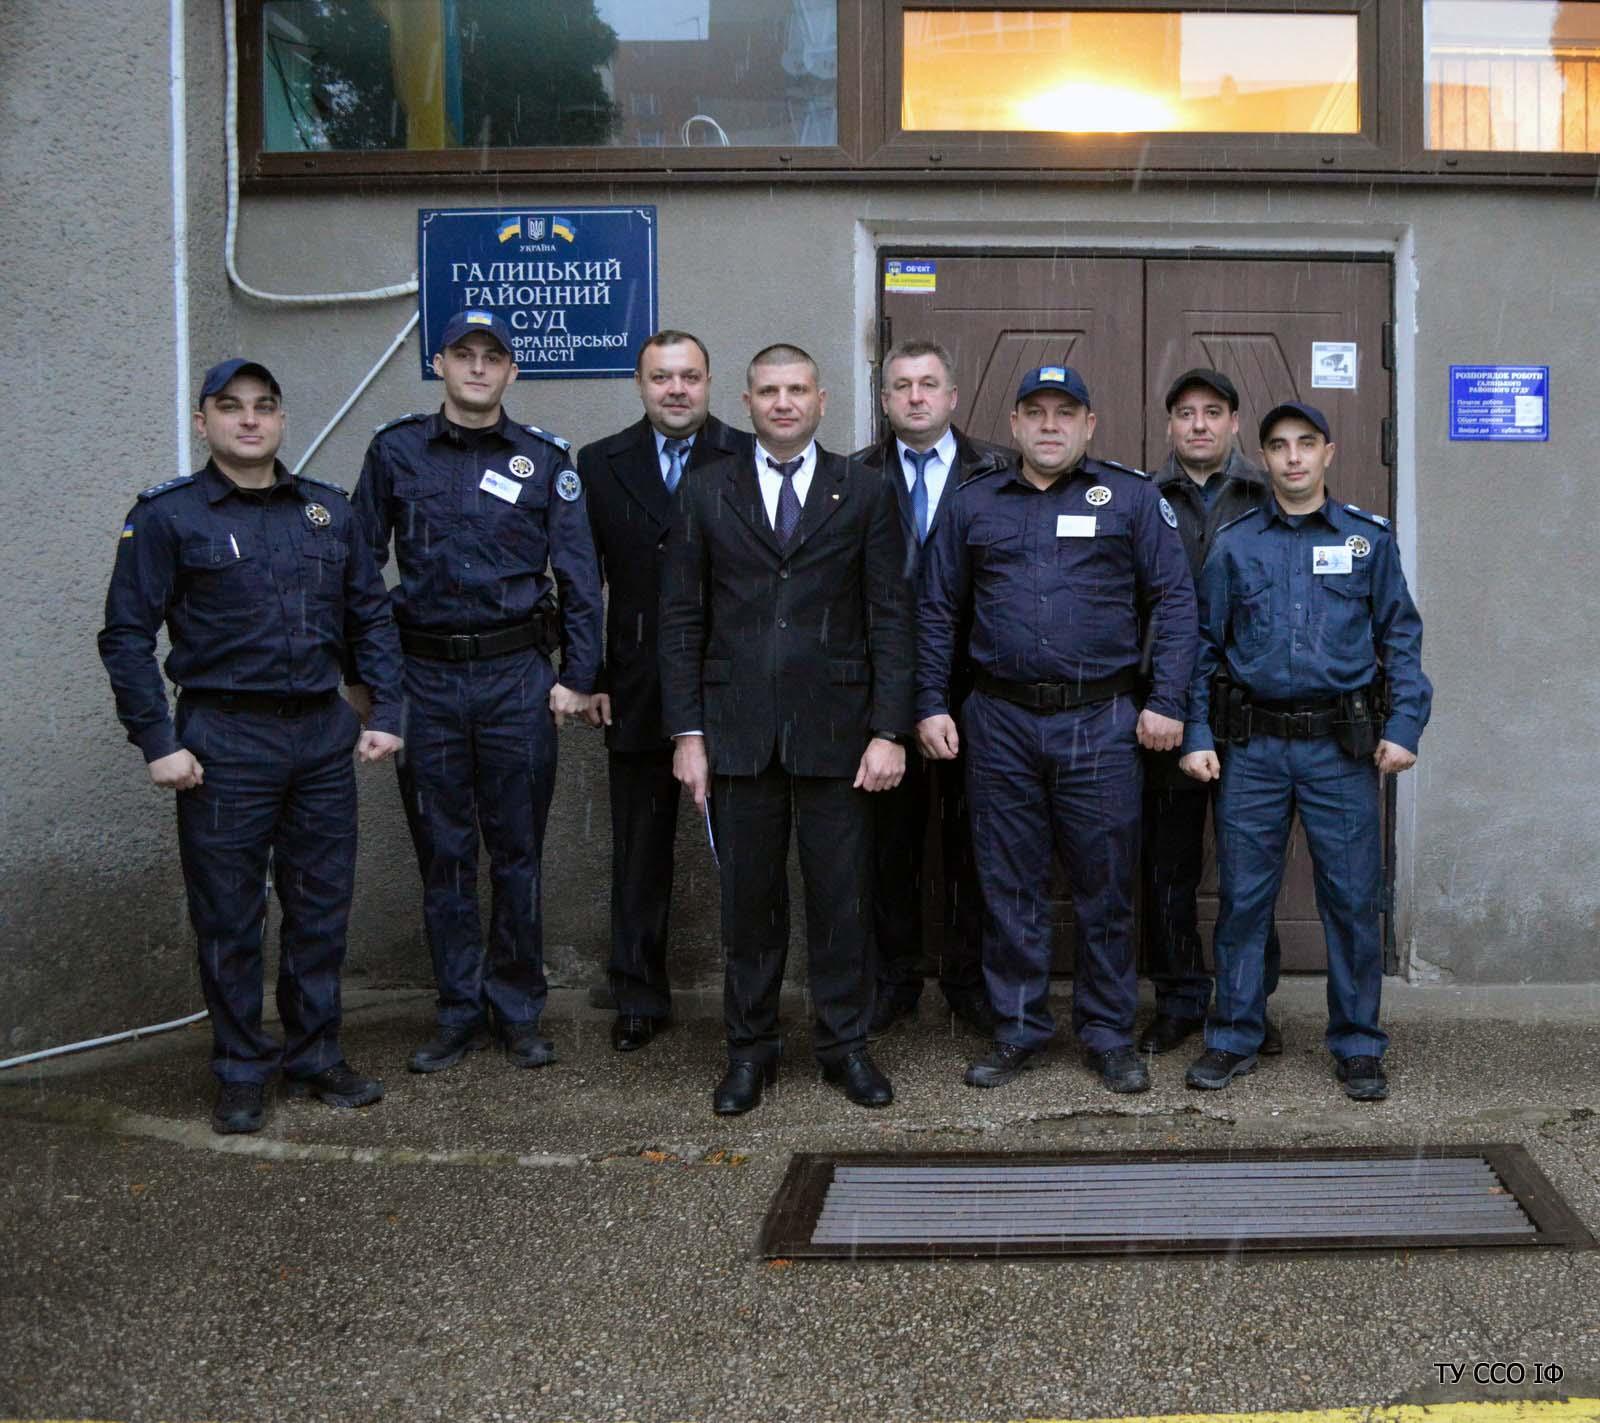 Служба судової охорони взяла під варту будинок правосуддя у Галичі (ФОТО)